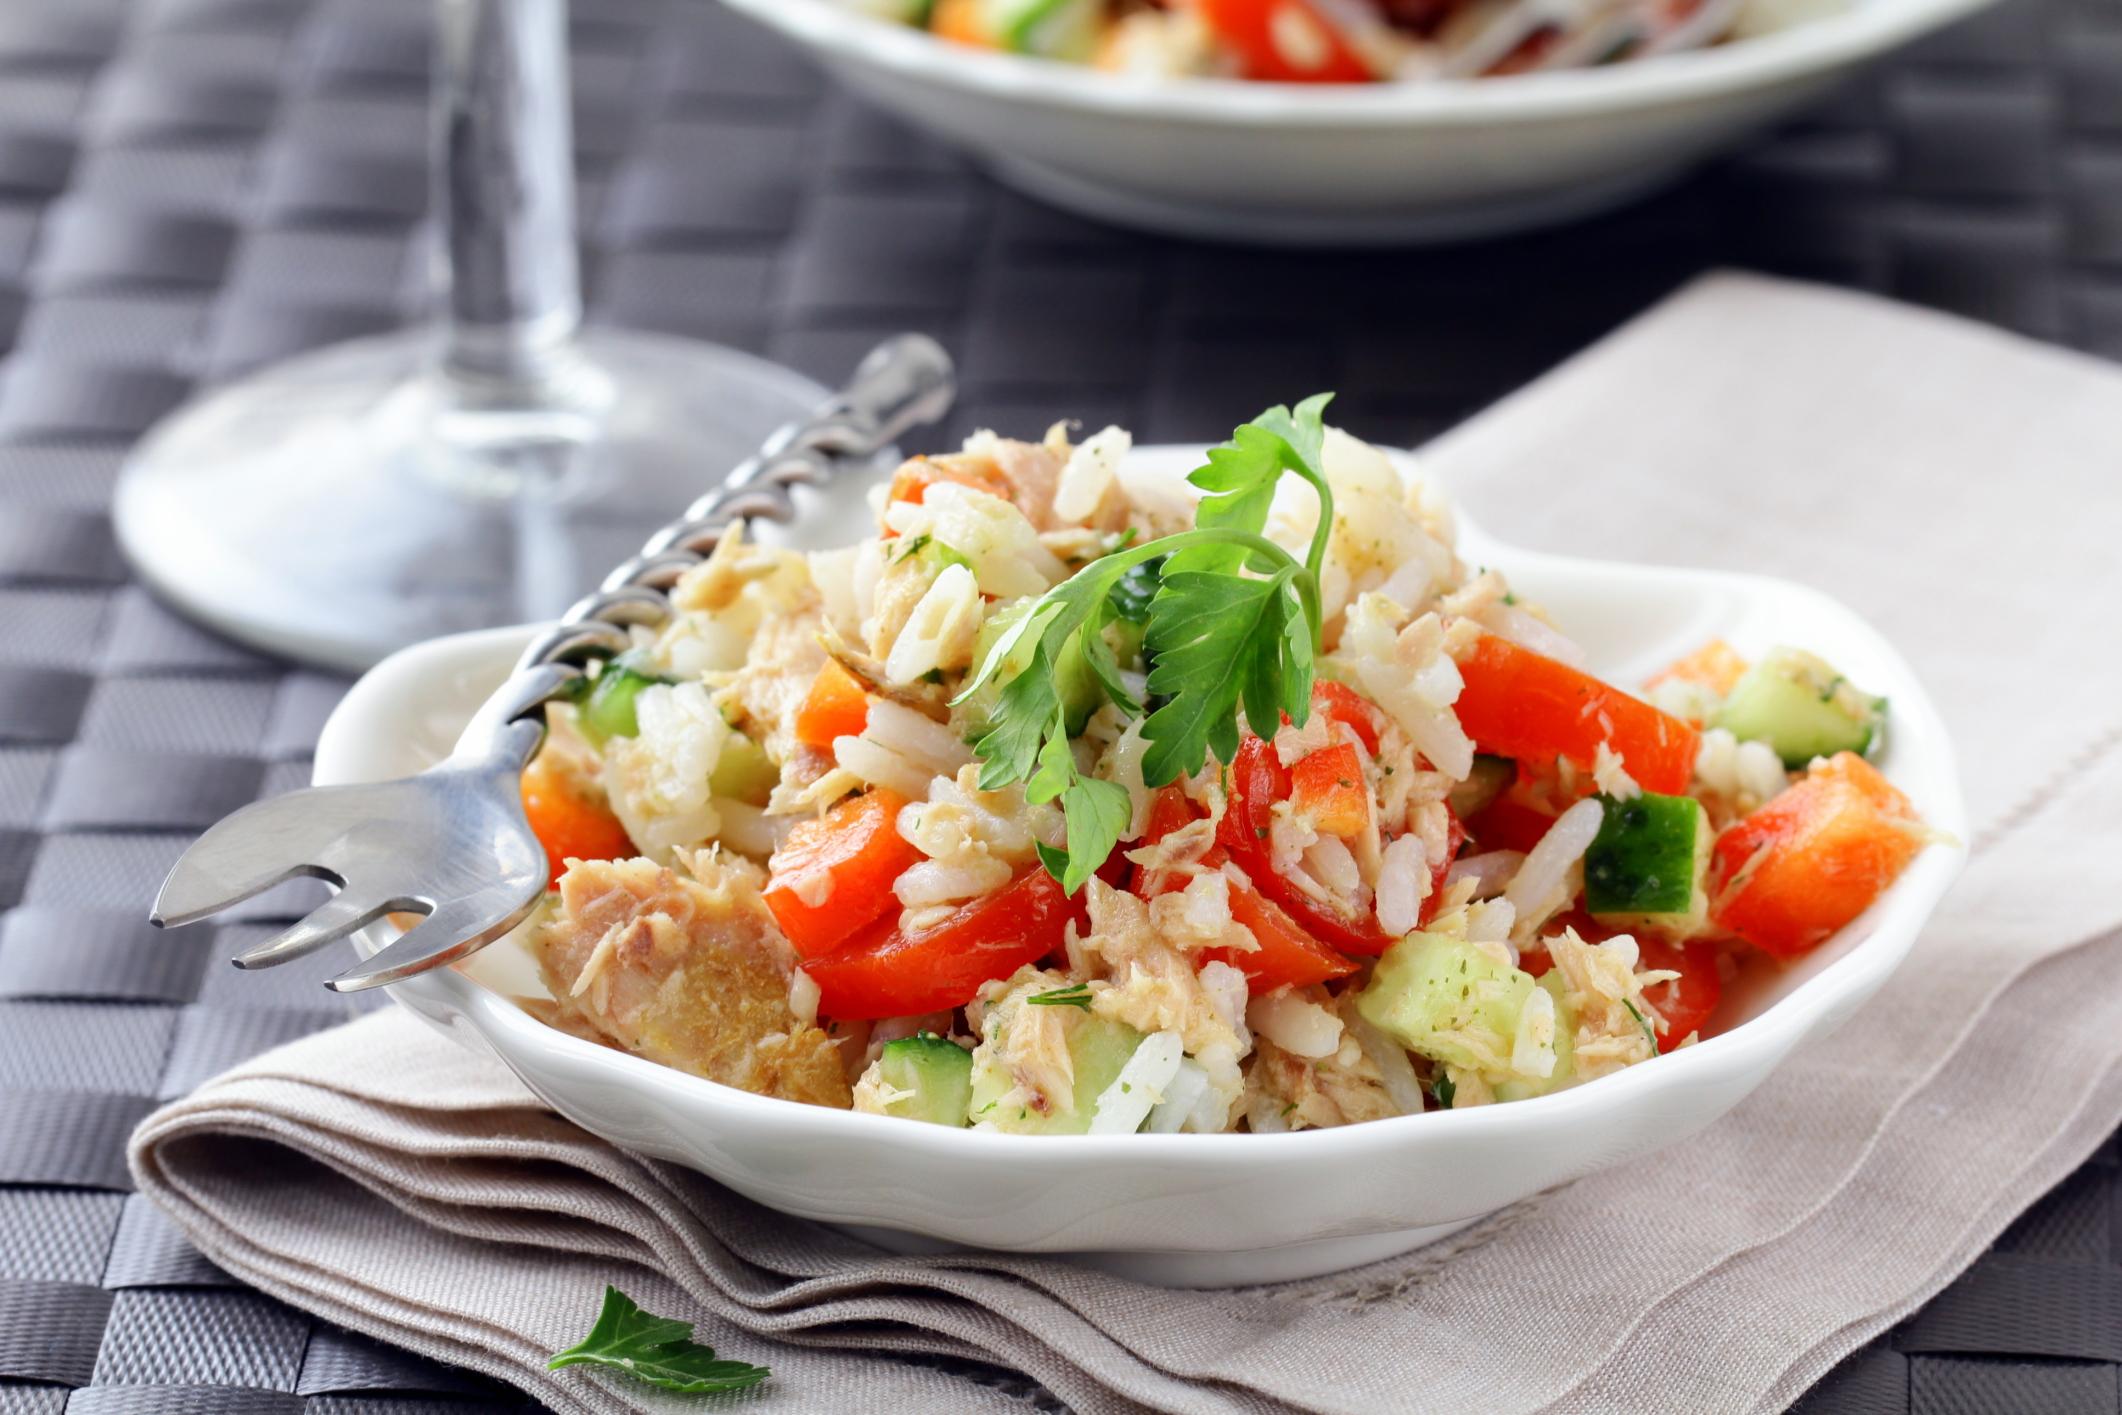 Ensalada de arroz blanco y atún